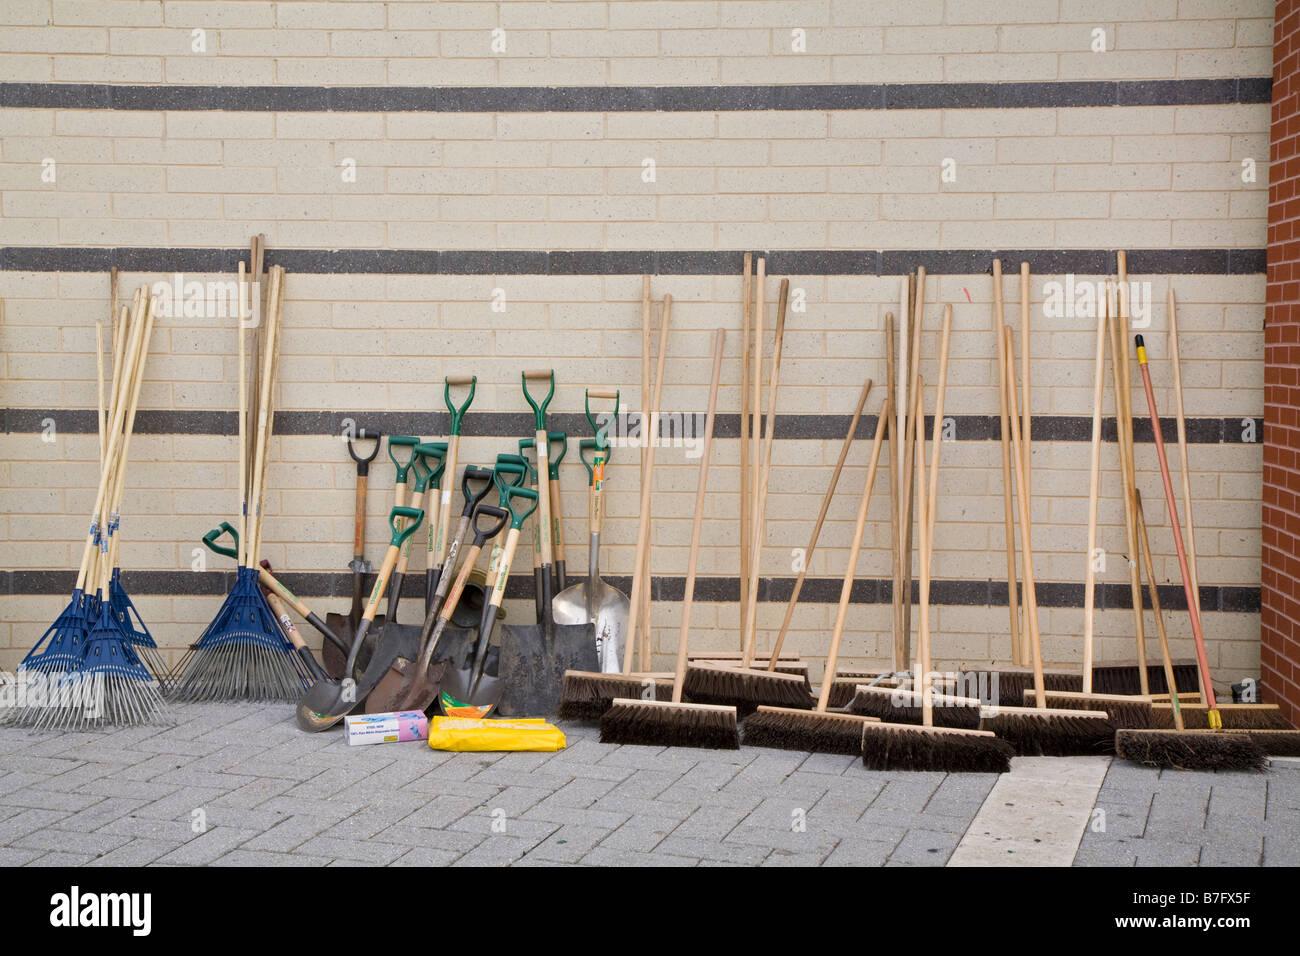 Tools for Volunteers in Neighborhood Cleanup - Stock Image